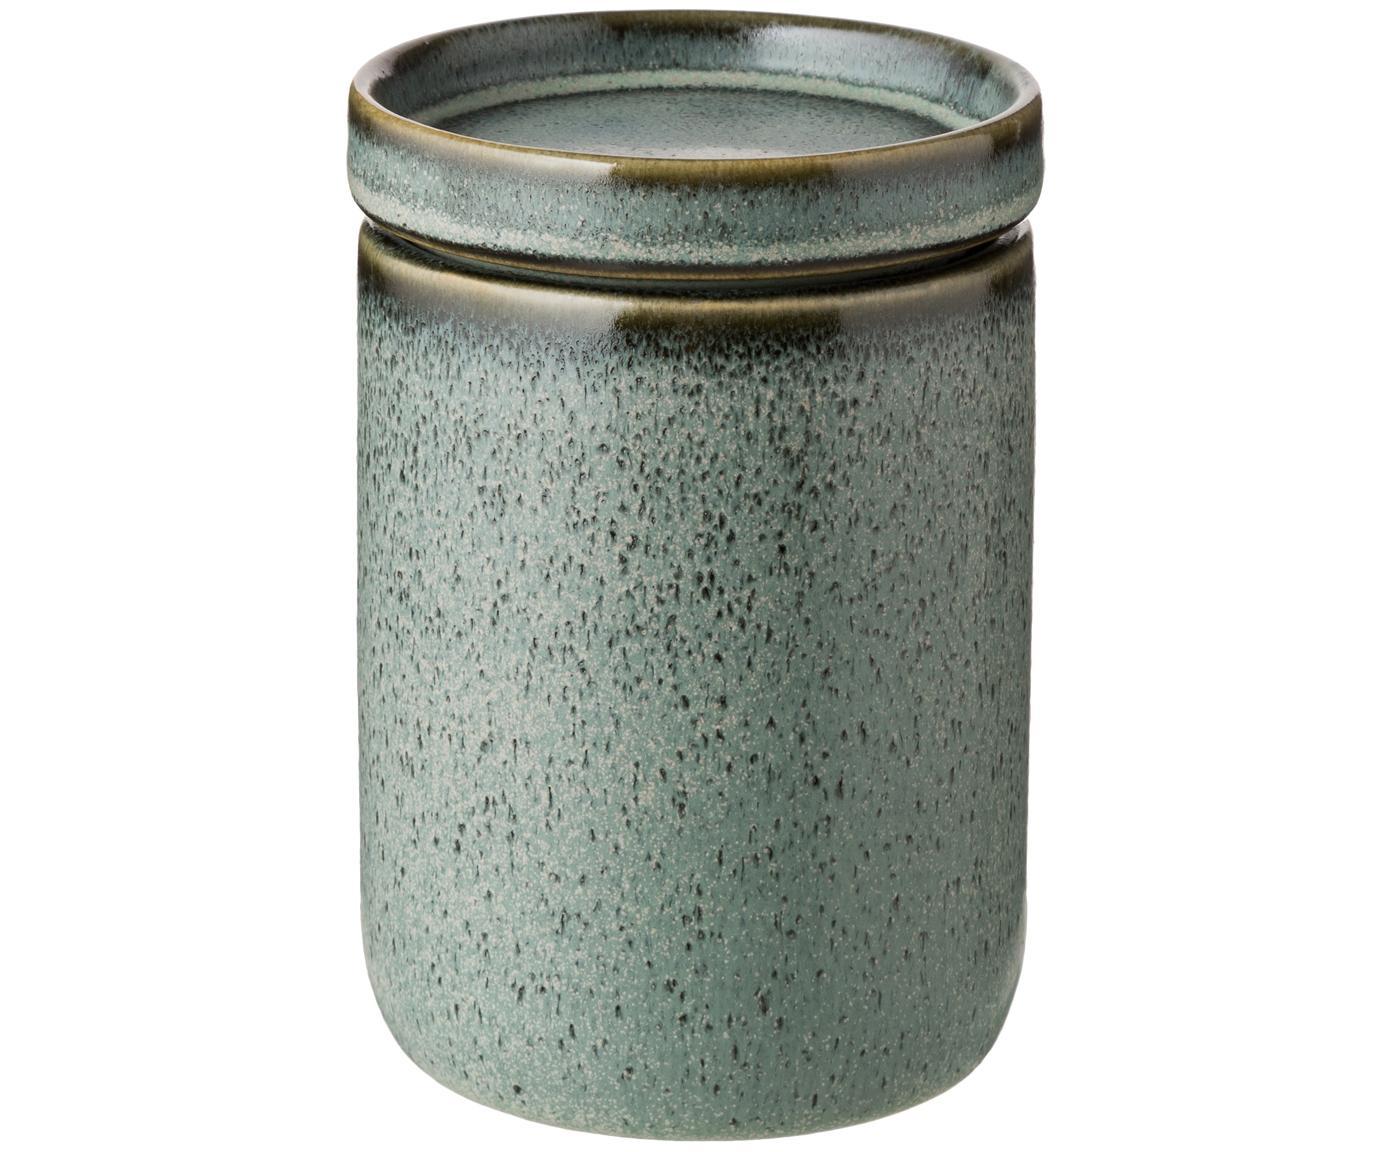 Contenitore con coperchio Mila, Ceramica, smaltata, Verde grigio, Ø 10 x Alt. 11 cm